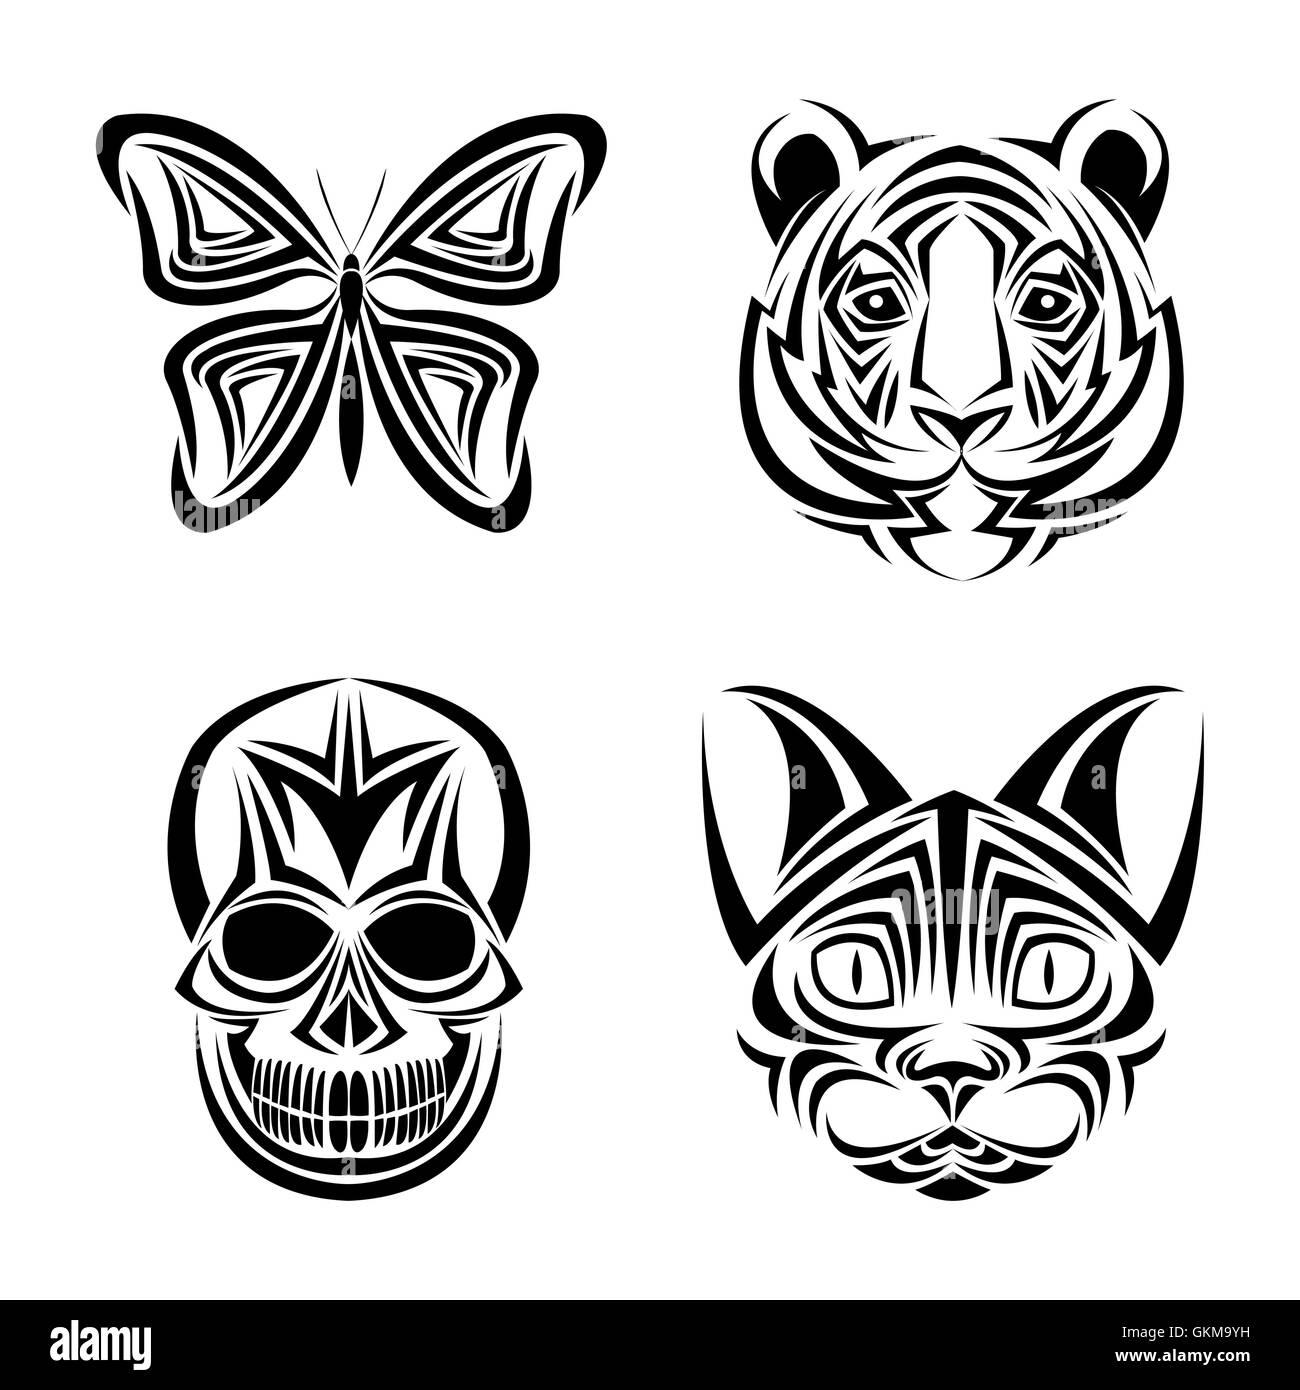 Skull Butterfly Tiger Cat Tattoo Design Stock Vector Art